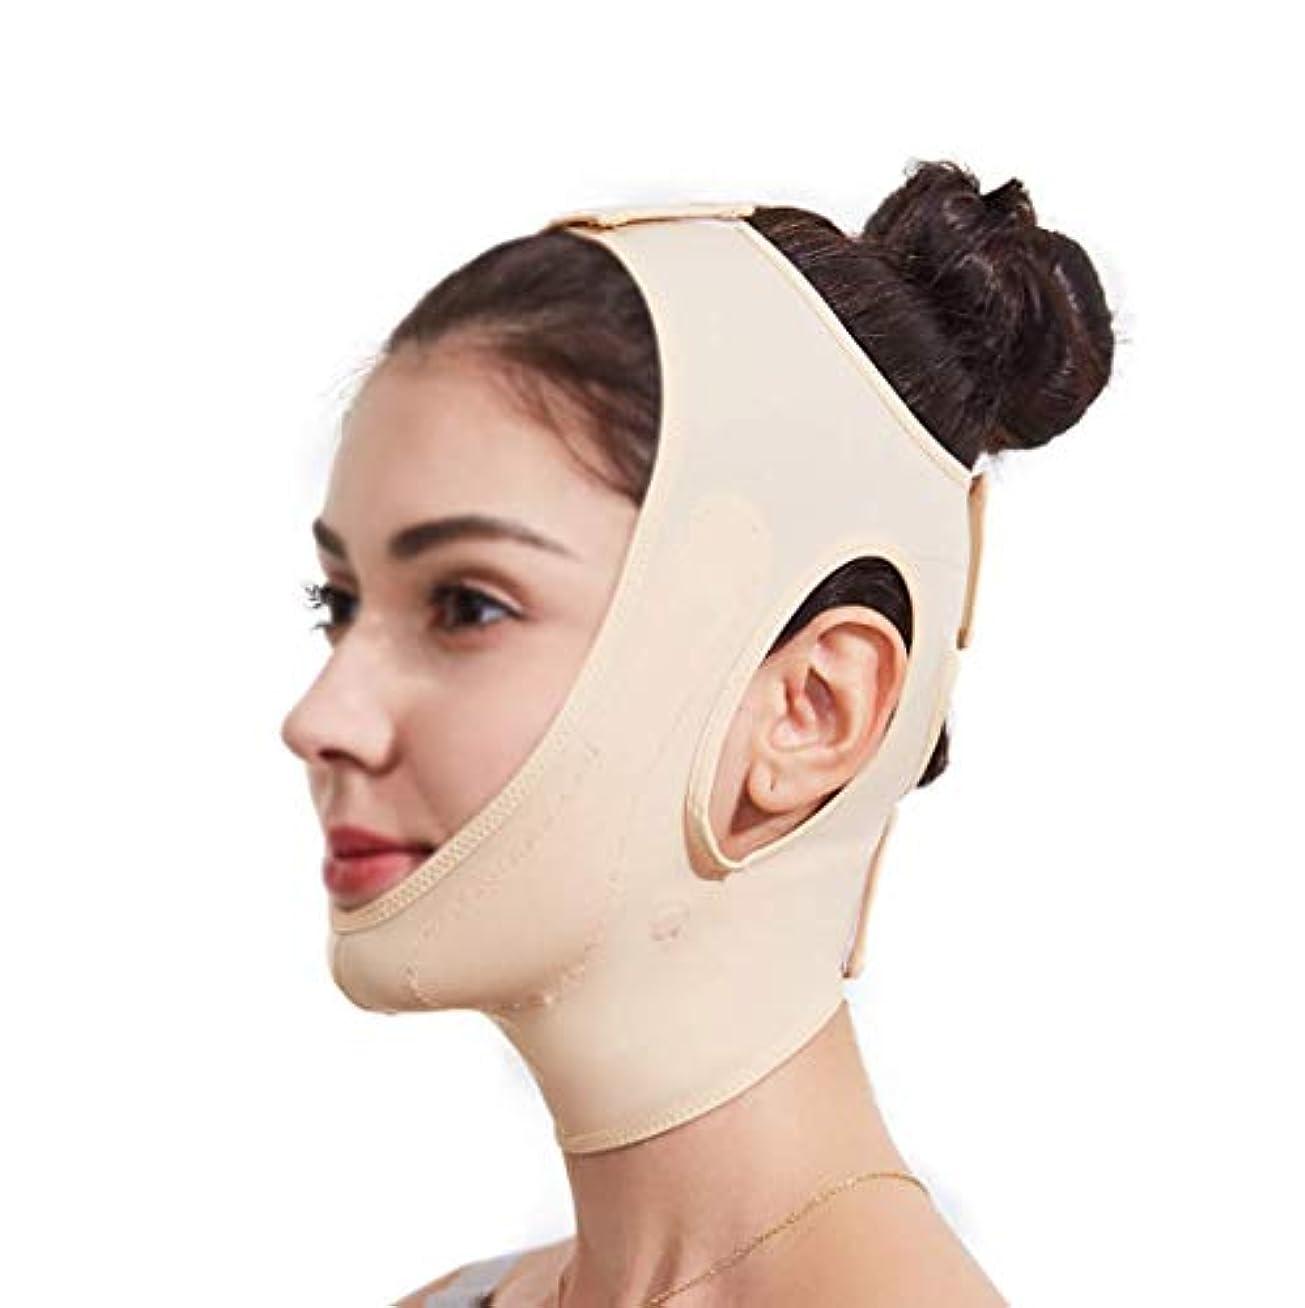 フェイスリフティングマスク、360°オールラウンドリフティングフェイシャルコンター、あごを閉じて肌を引き締め、快適でフェイスライトをサポートし、通気性を保ちます(サイズ:ブラック),肌の色